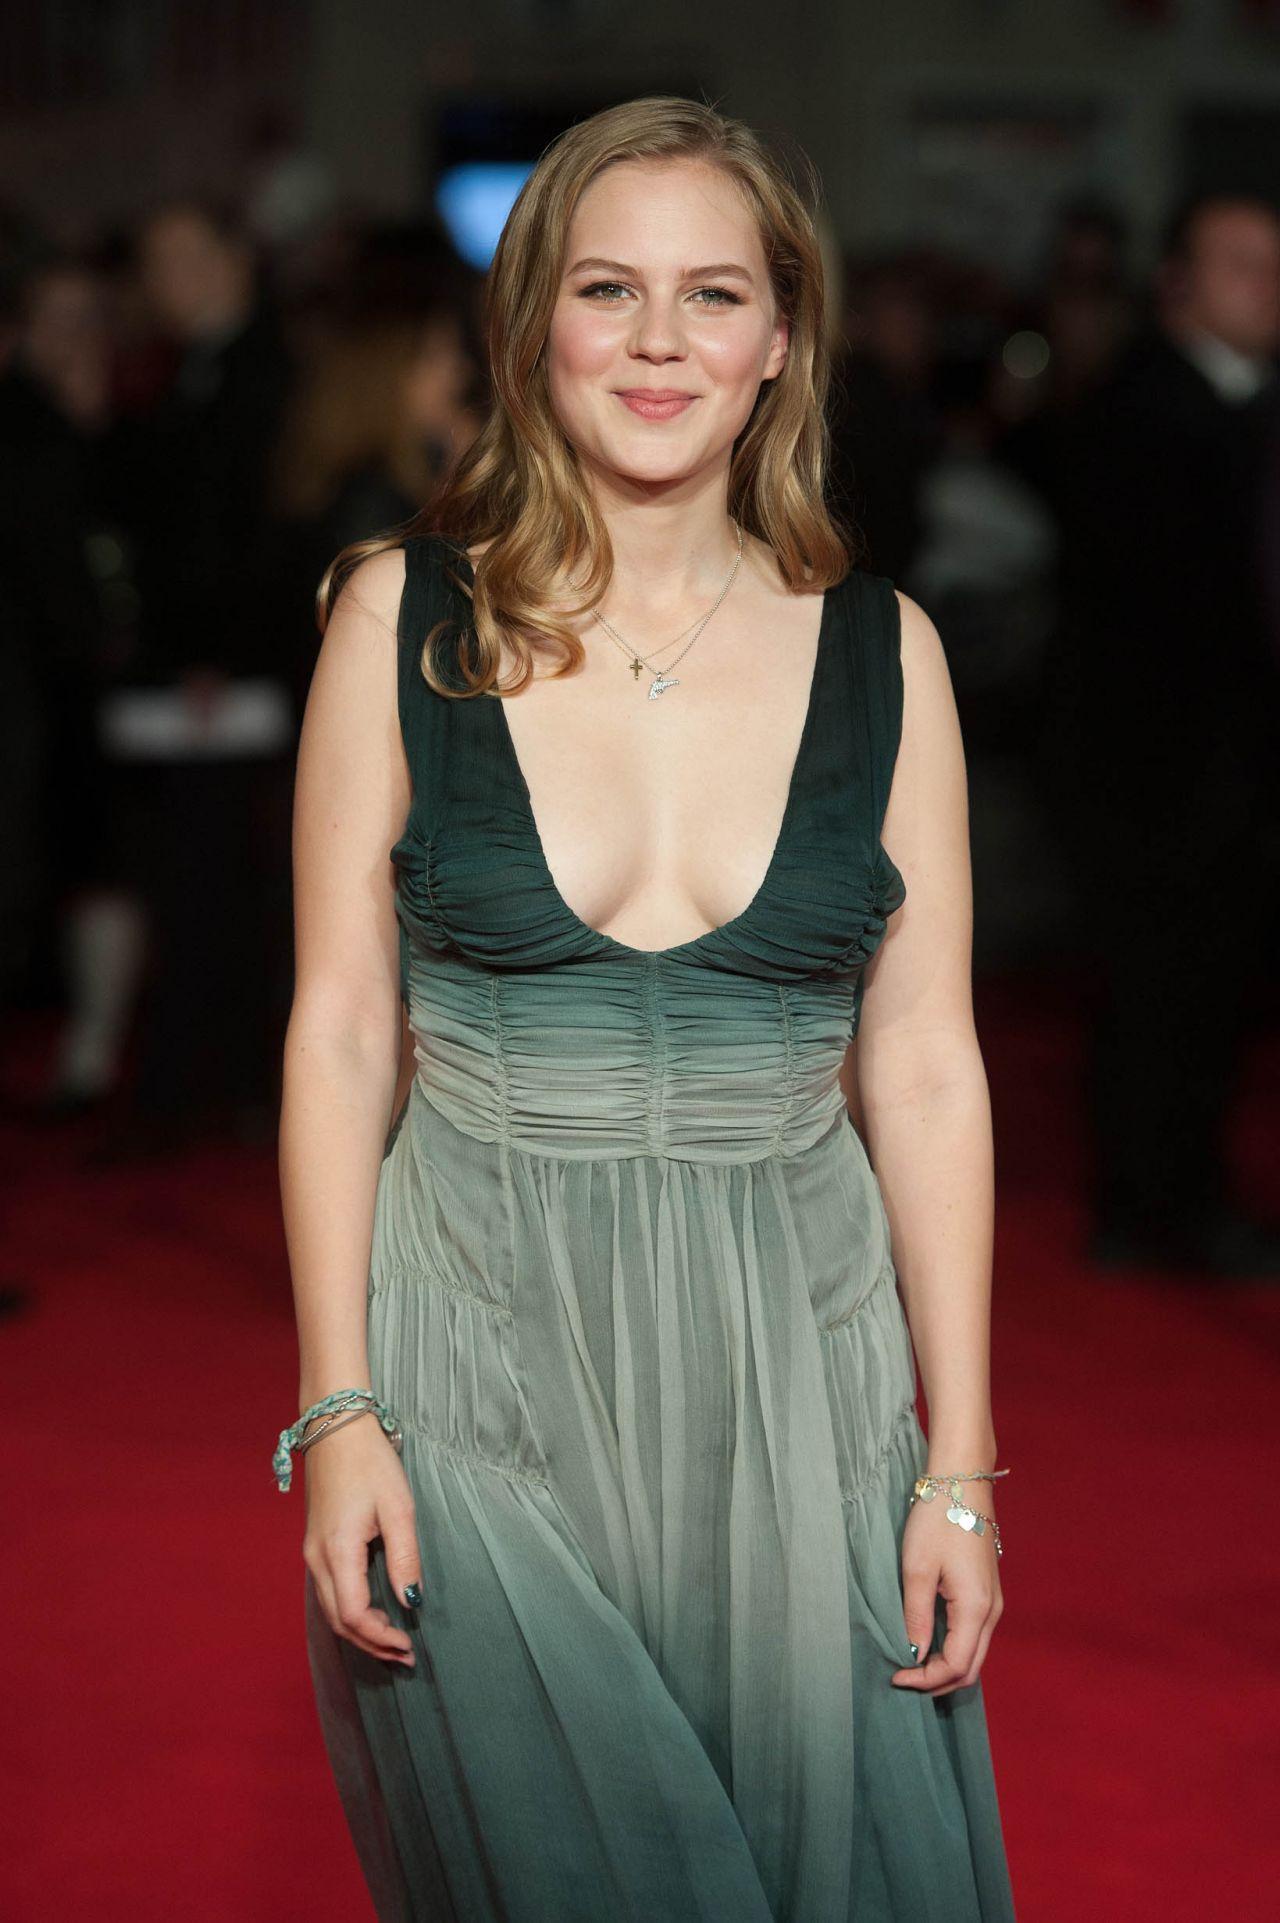 Alicia von Rittberg - 'Fury' Premiere in London • CelebMafia